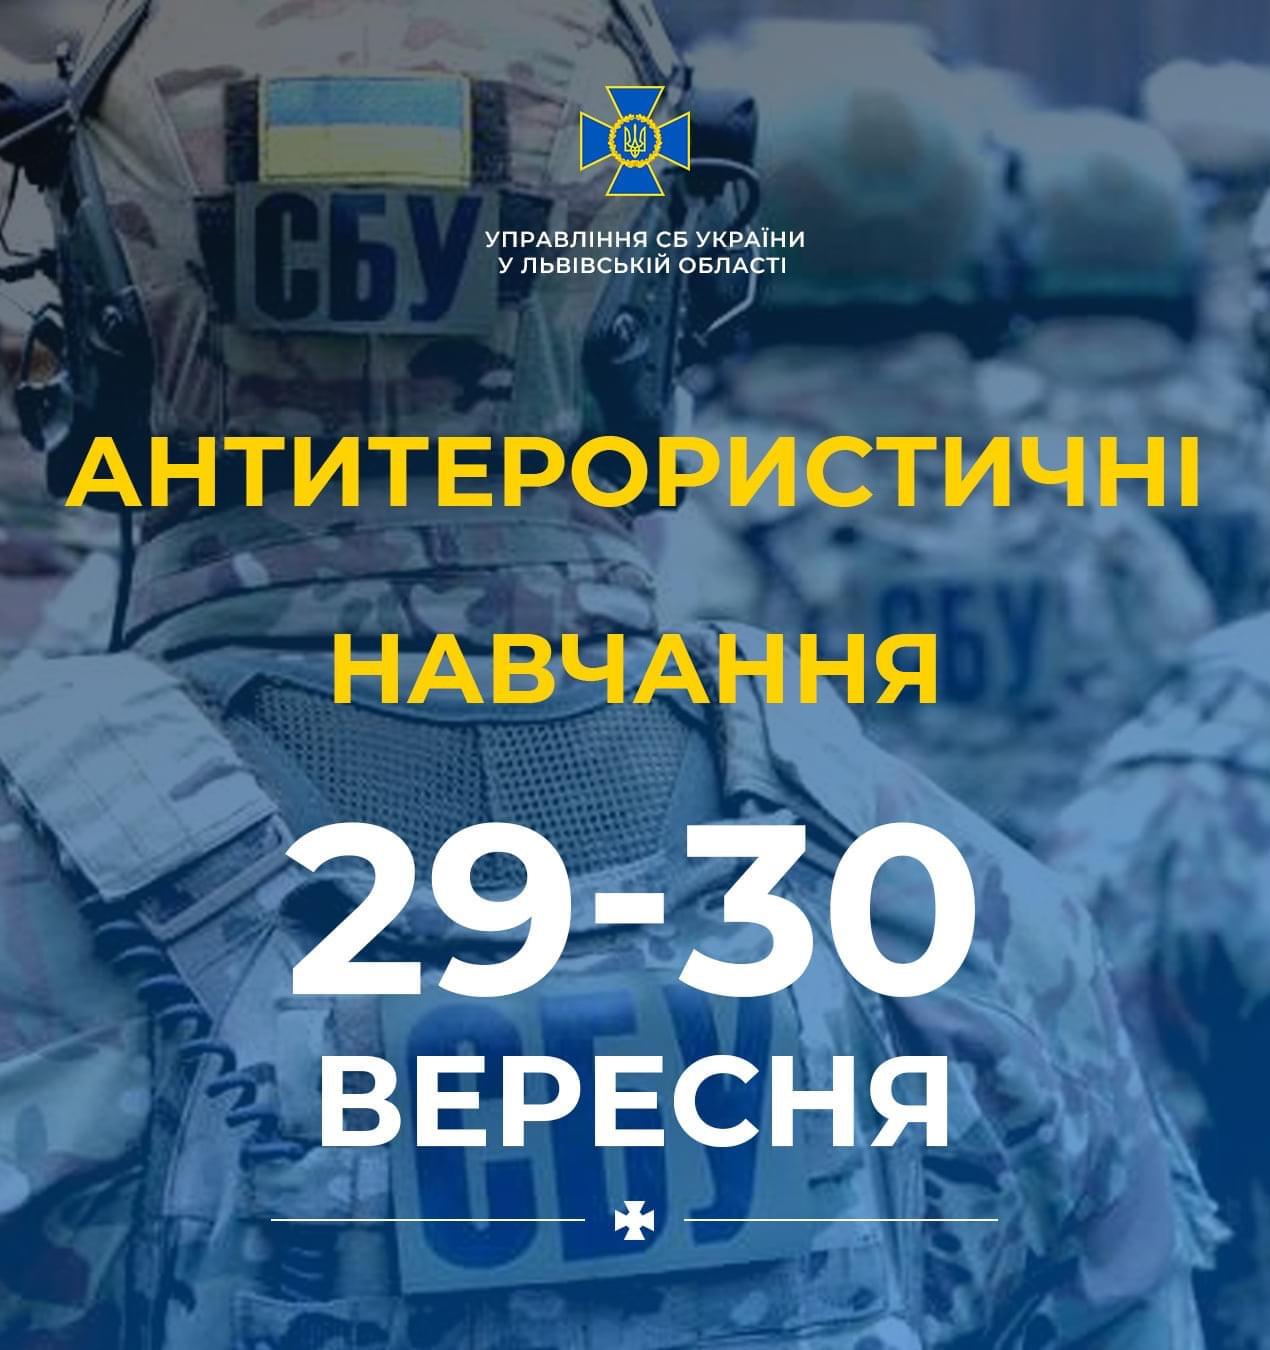 На Львівщині СБУ проведе антитерористичні та контрдиверсійні навчання